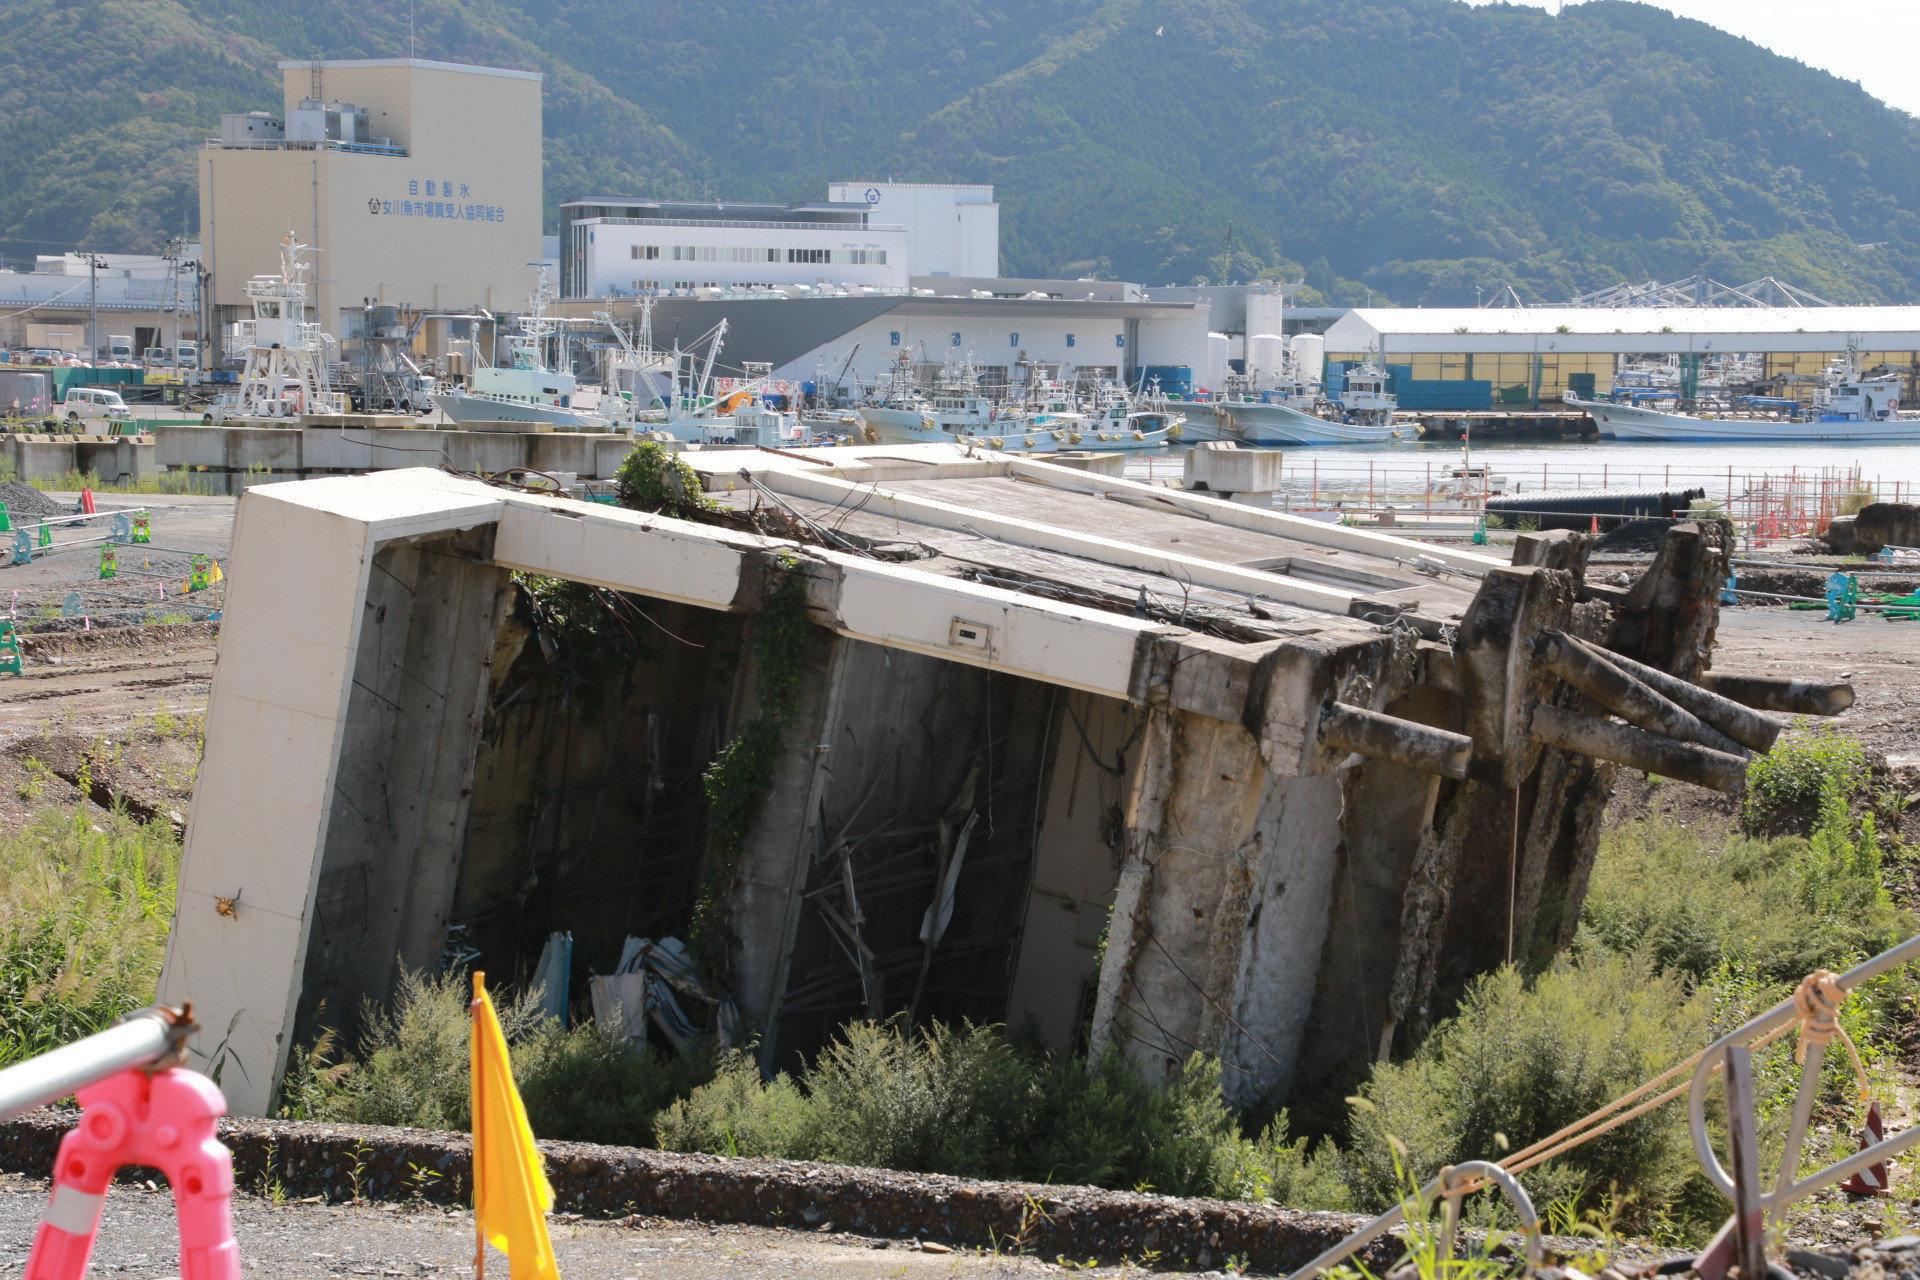 被災地はストーリーの素材じゃない。東日本大震災の報道に、蒲鉾本舗高政が苦言を呈す理由